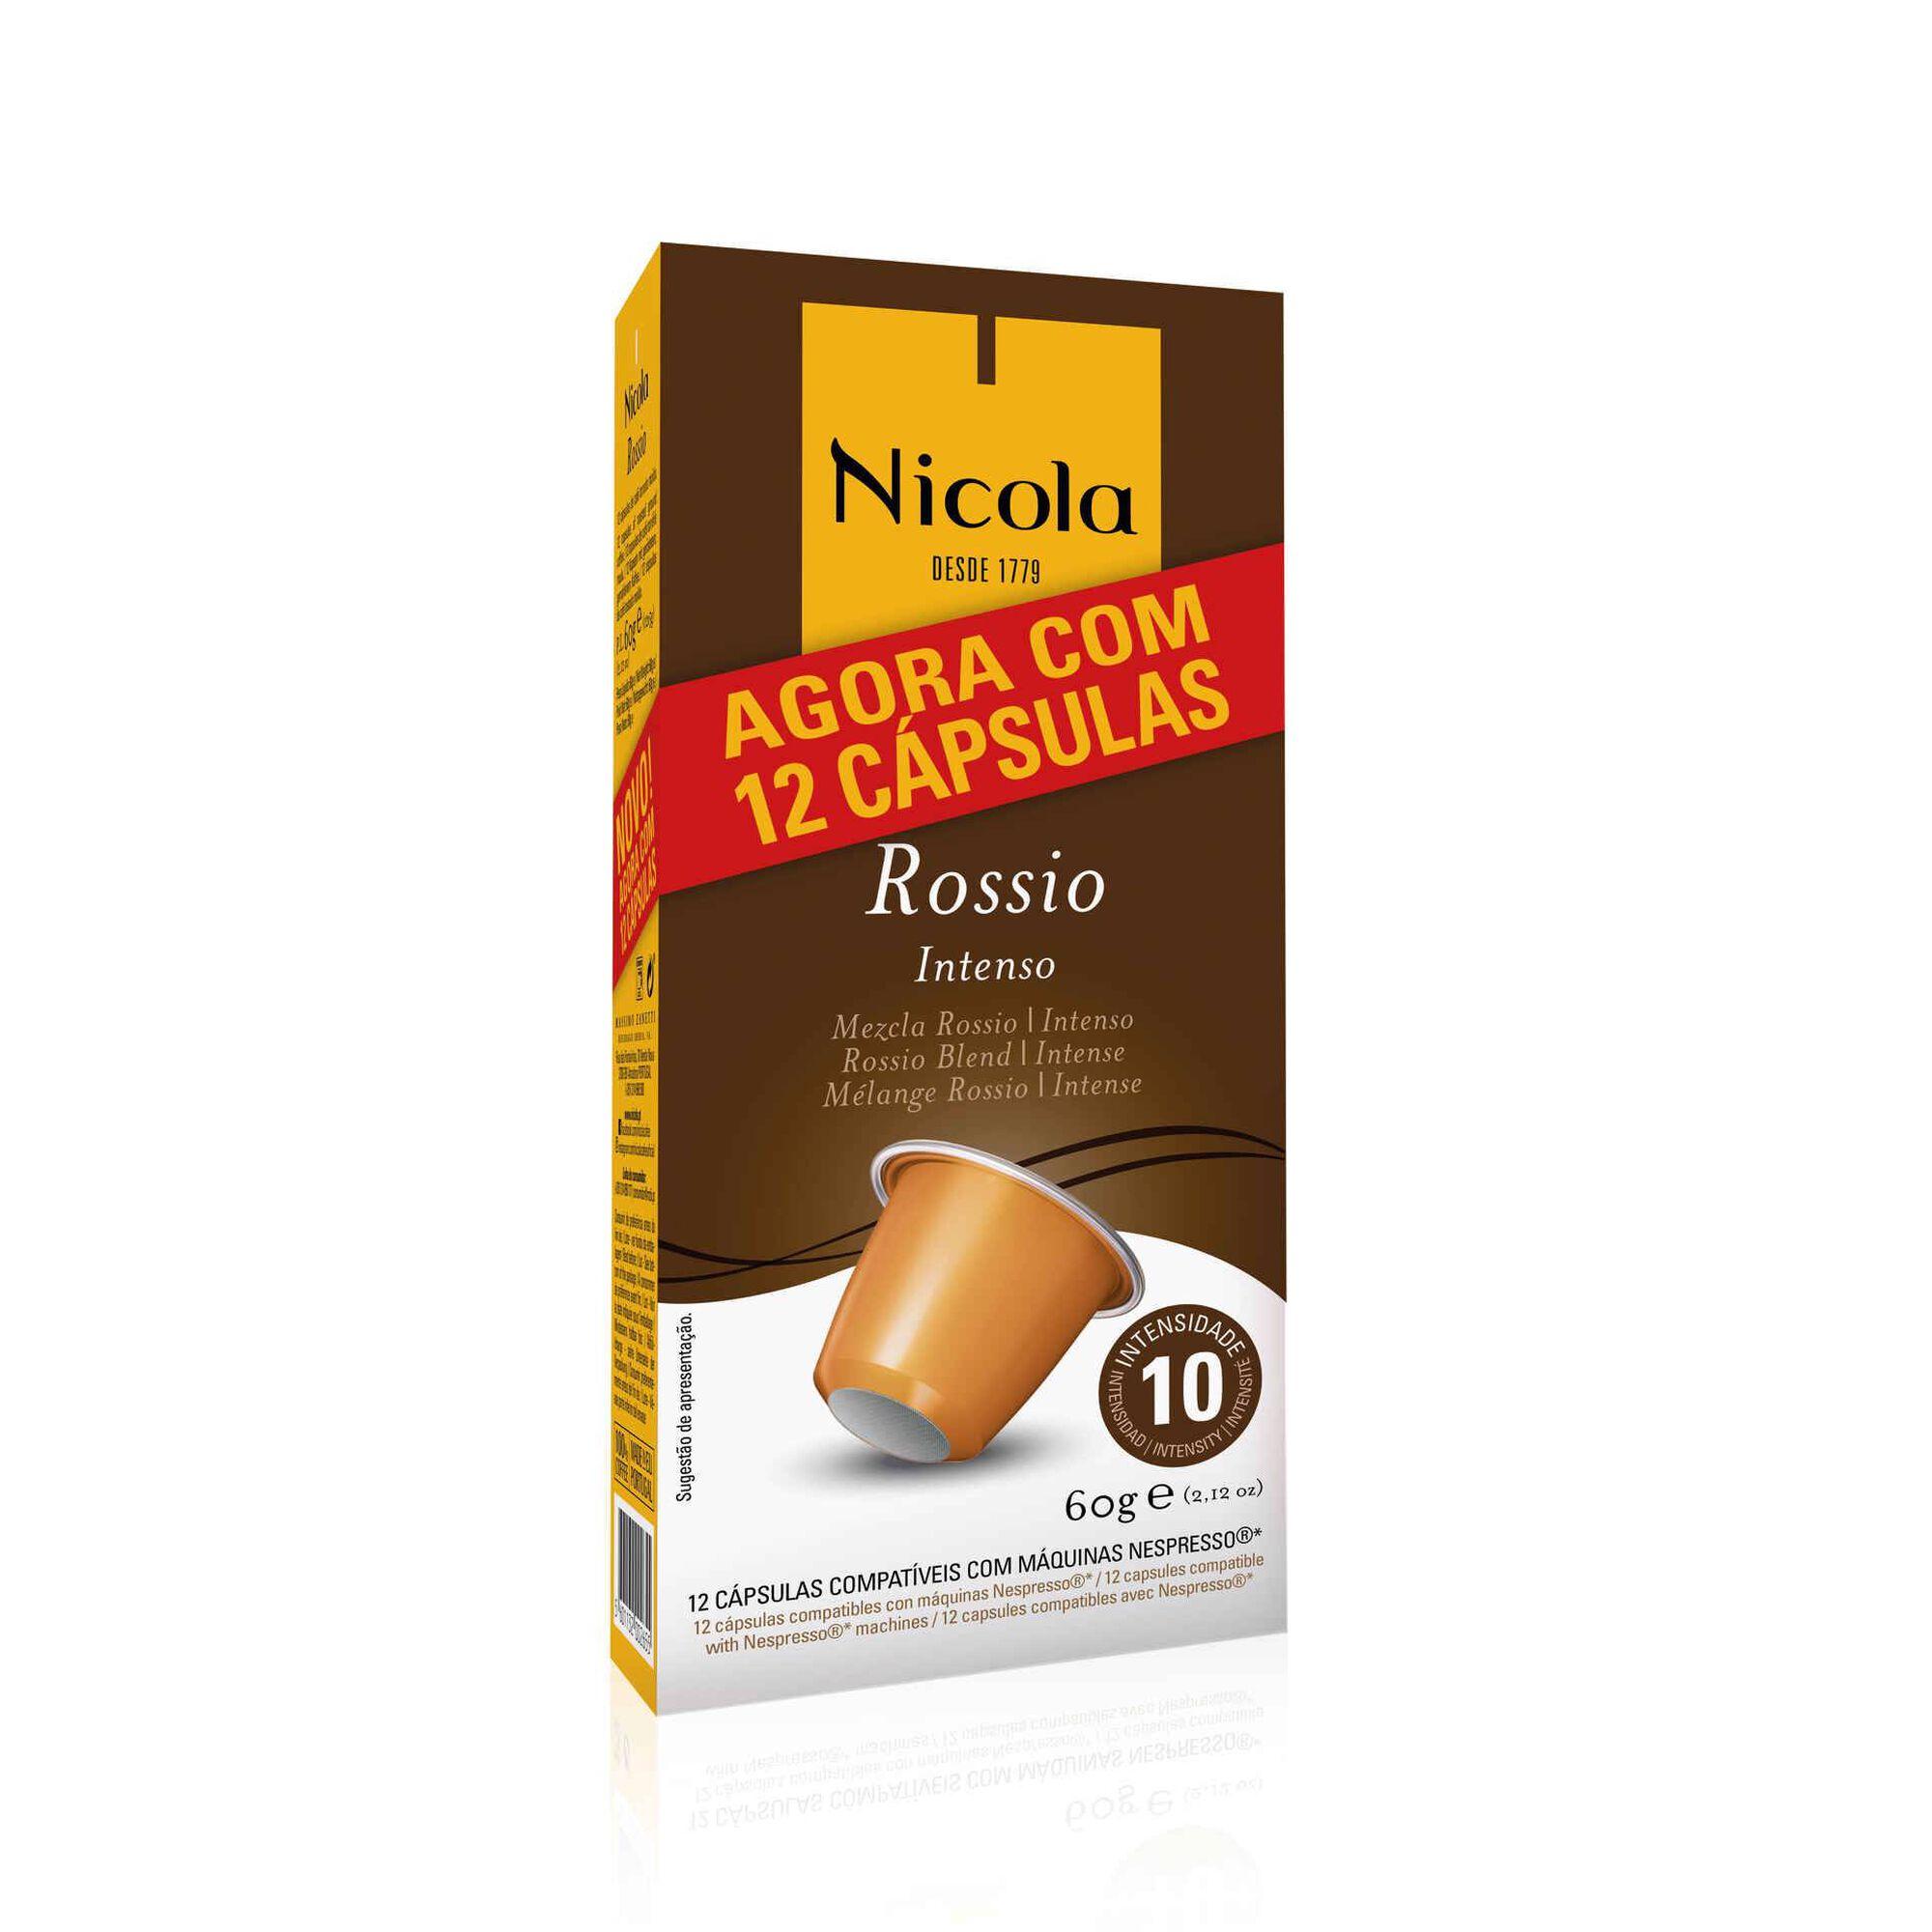 Cápsulas de Café Rossio Compatível com Nespresso Int 10